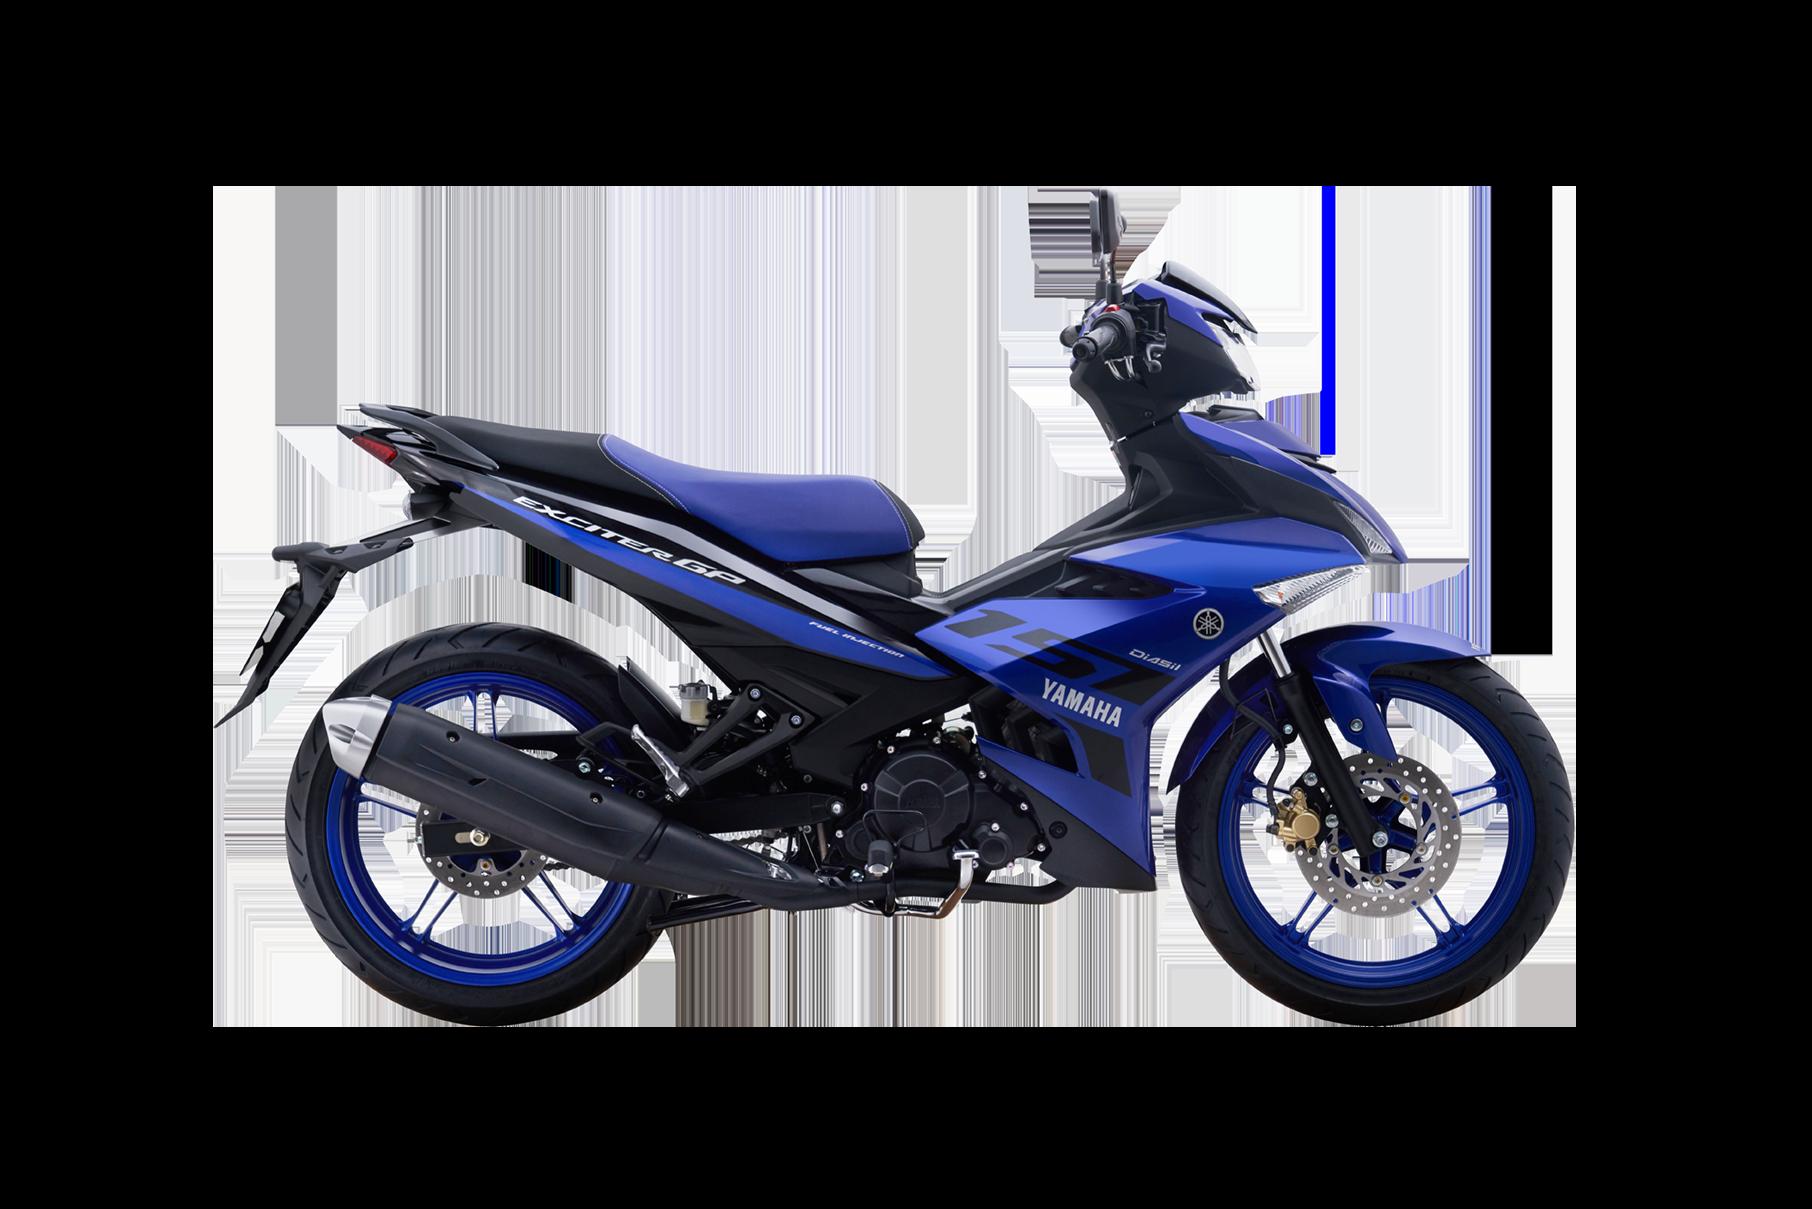 Xuất hiện tại sự kiện ra mắt, Yamaha Exciter 2019 gần như vẫn giữ nguyên kiểu dáng so với phiên bản hiện tại. Kích thước xe thay đổi với chiều dài và ...